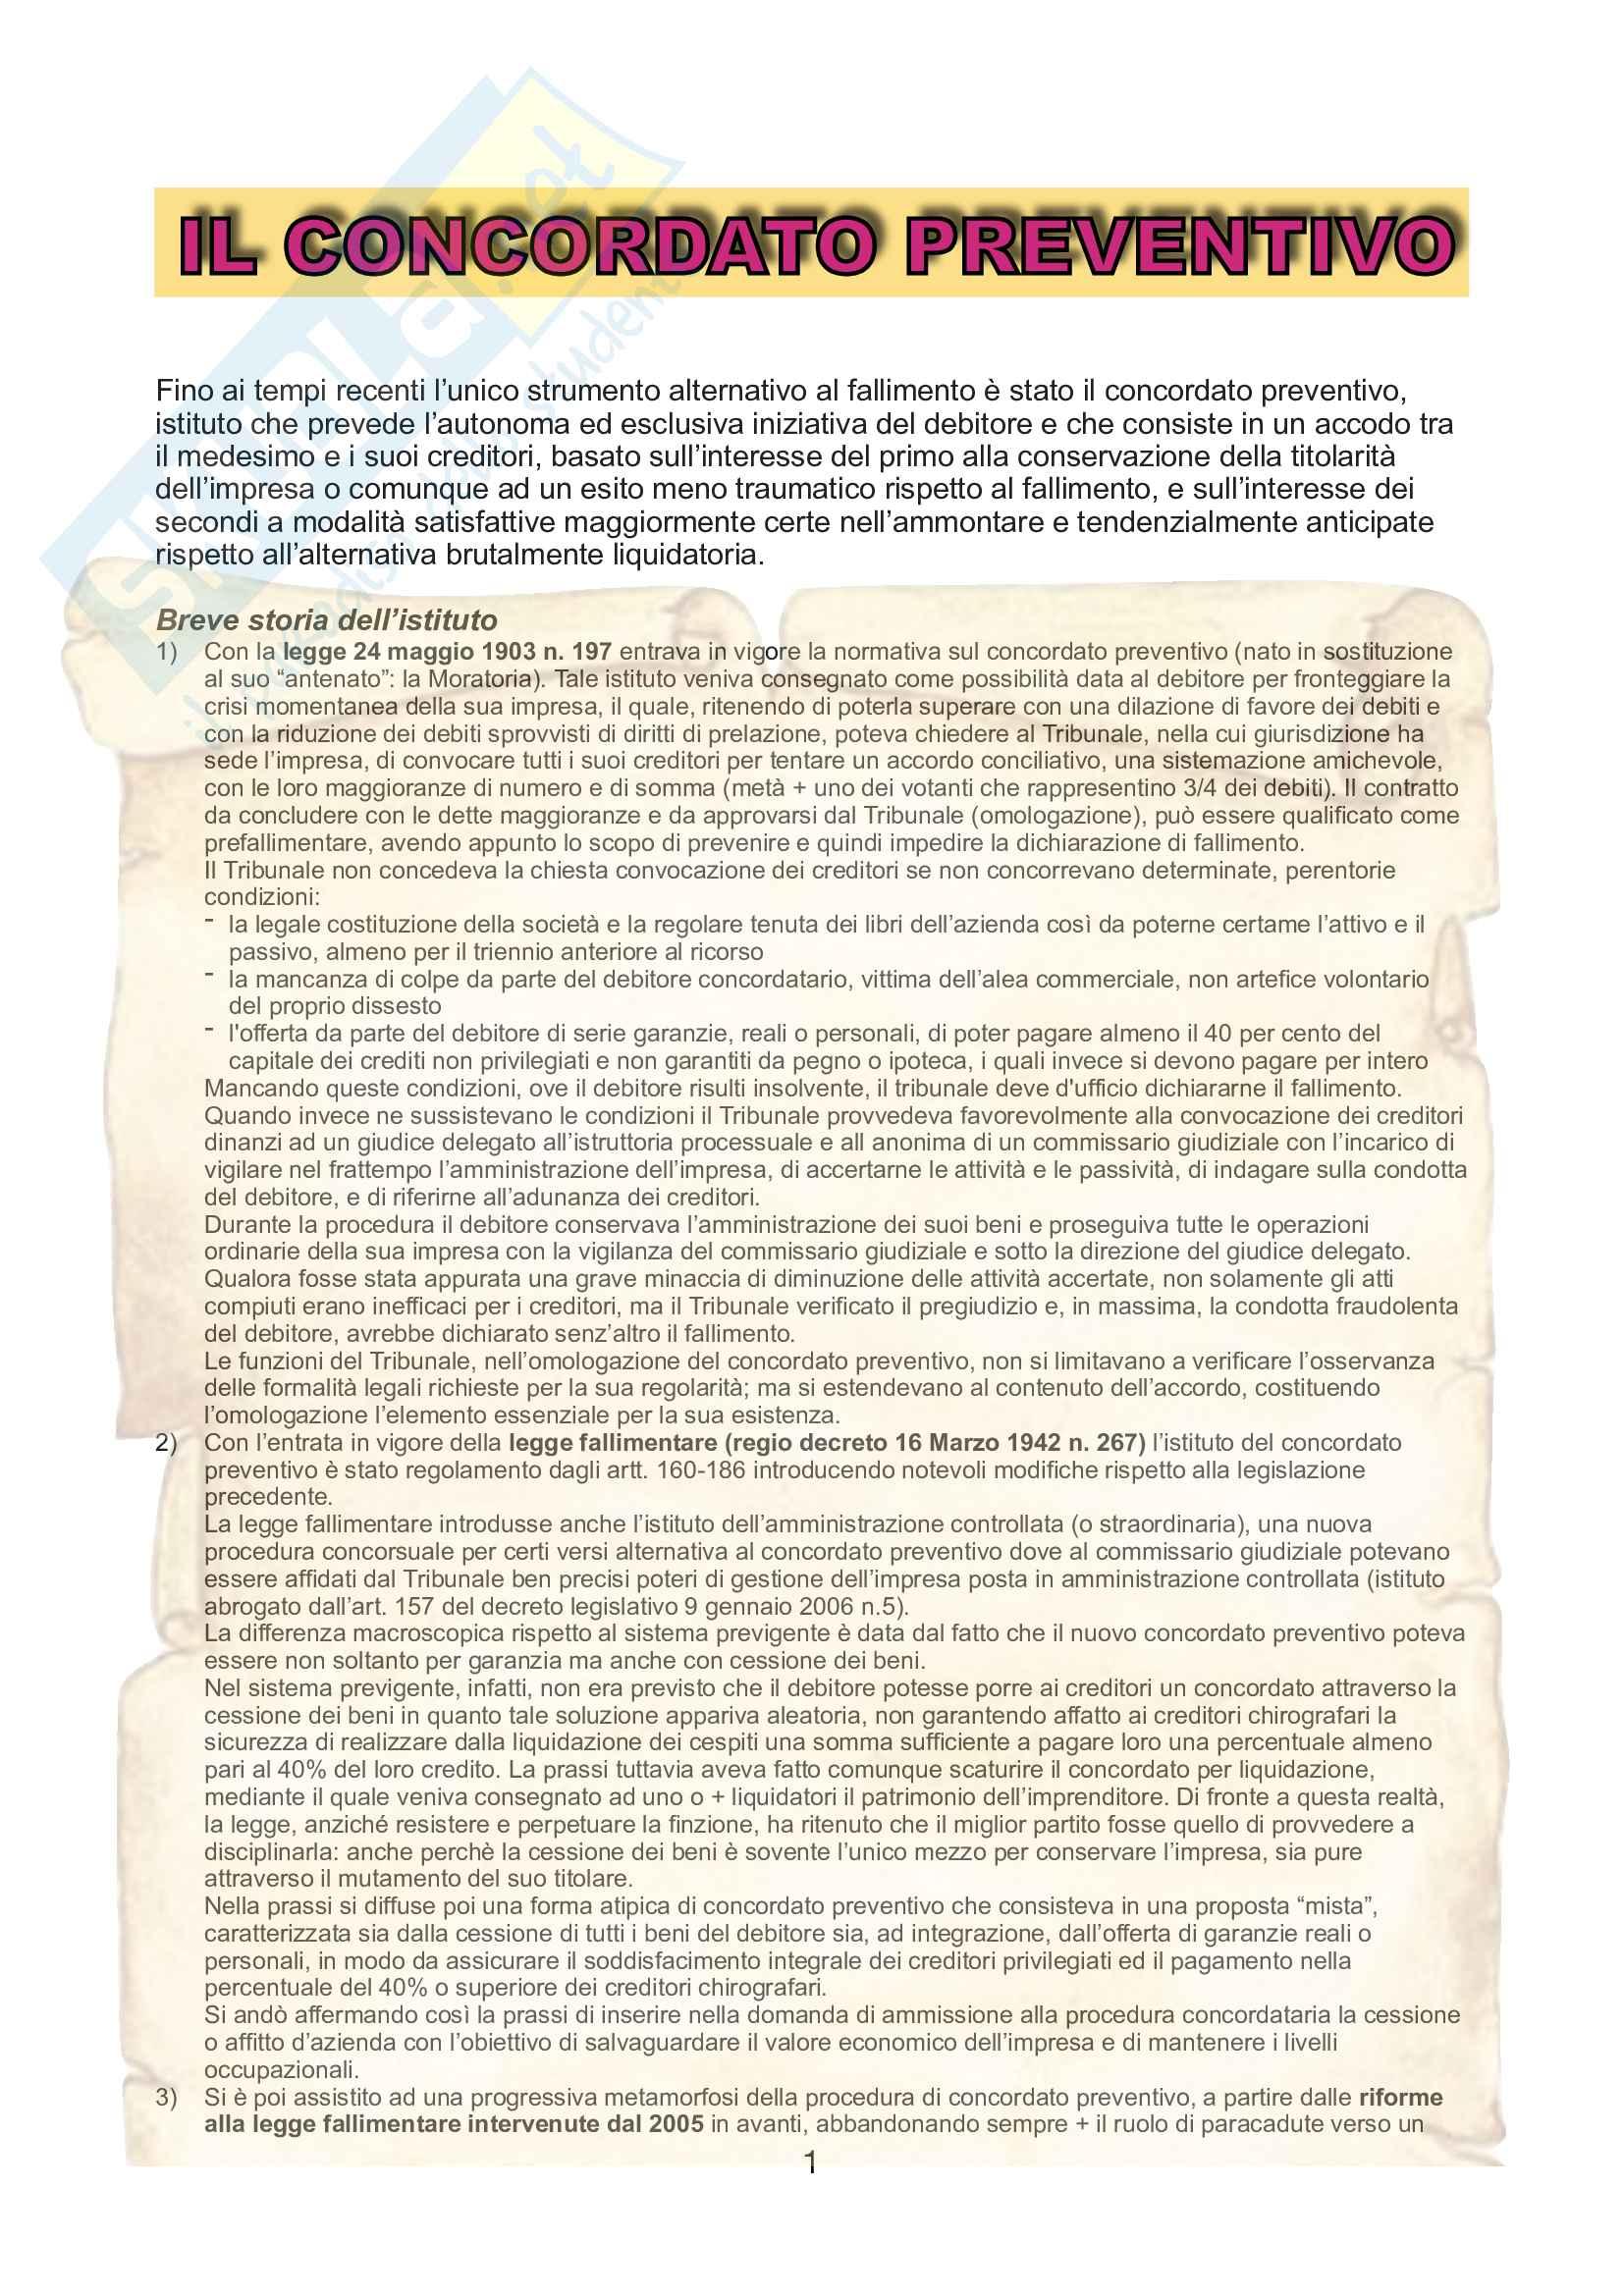 Diritto delle procedure concorsuali (nuovo codice della crisi e dell'insolvenza aggiornato 2019), prof Gennari